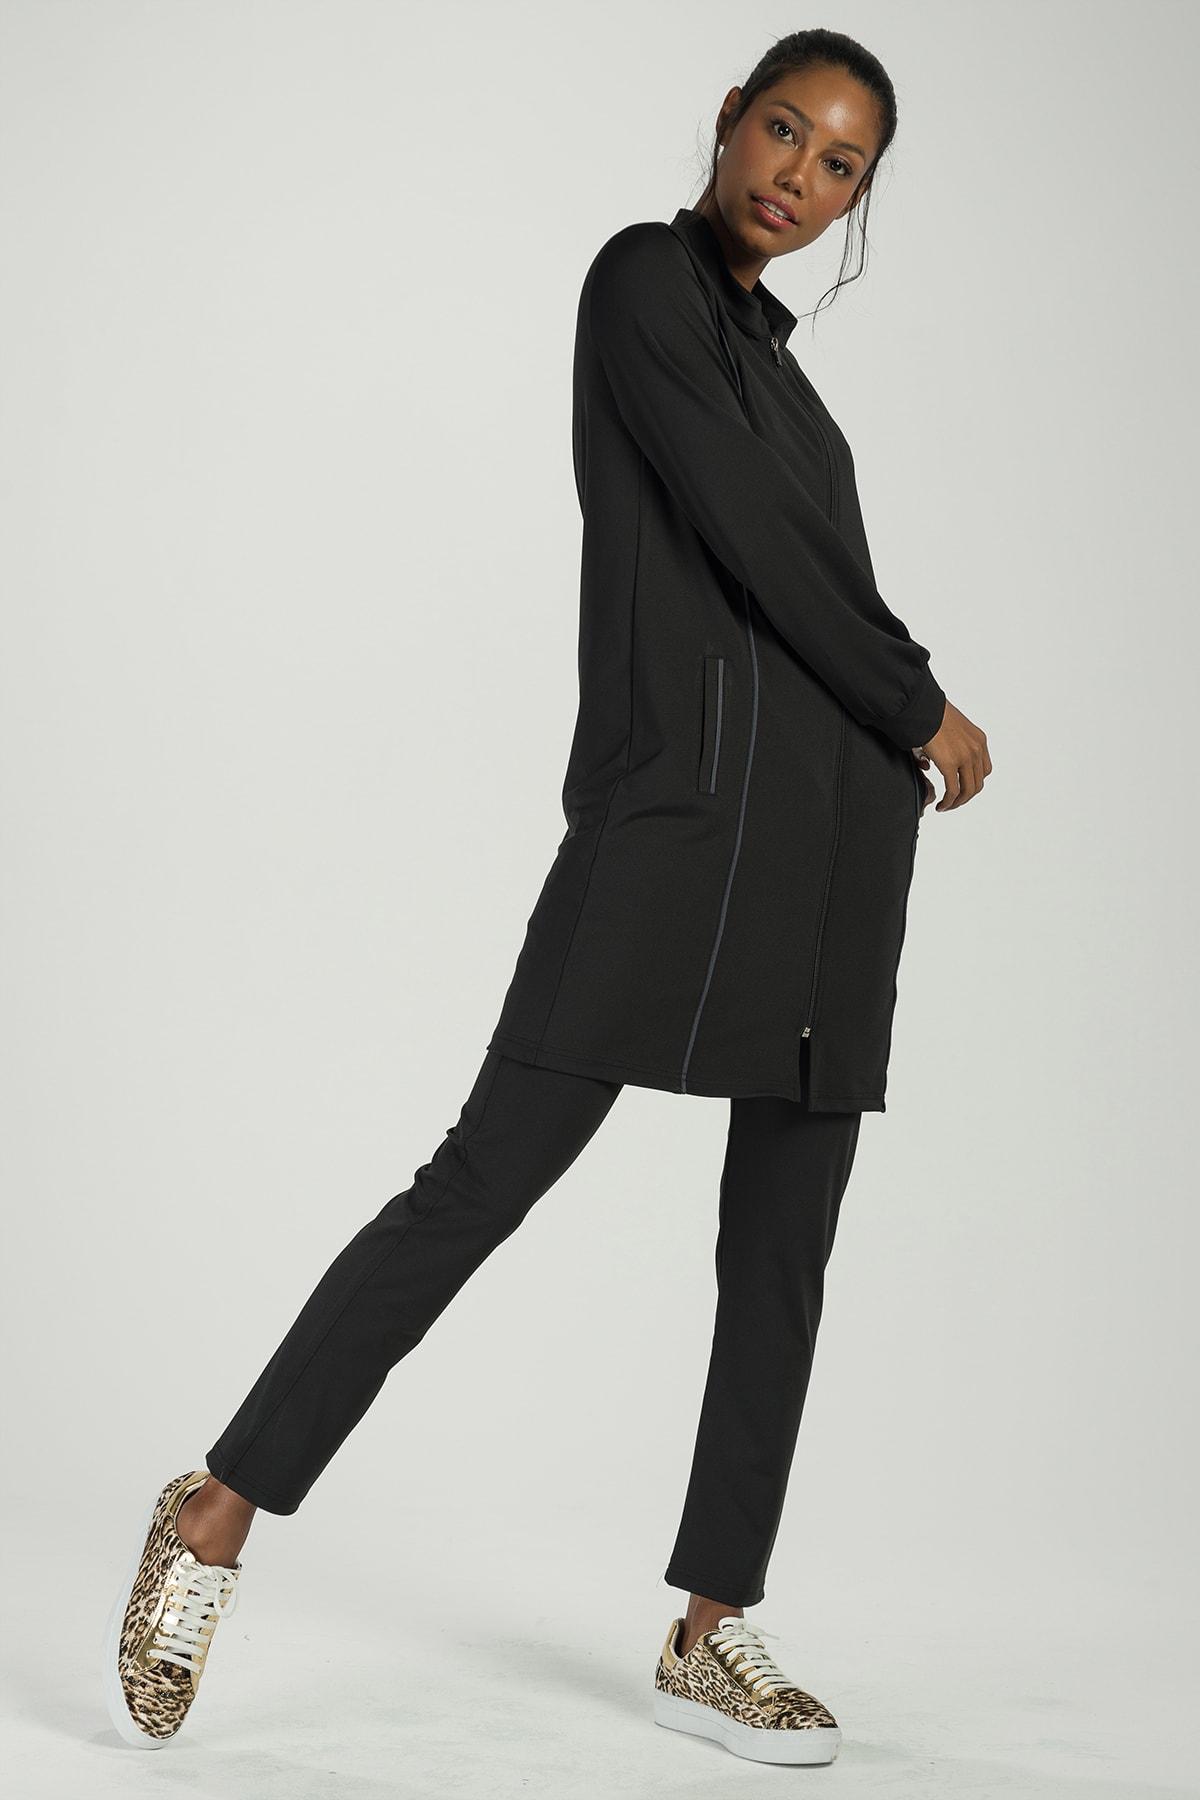 Runever Kadın Siyah Antrasit Tunik Takım 2